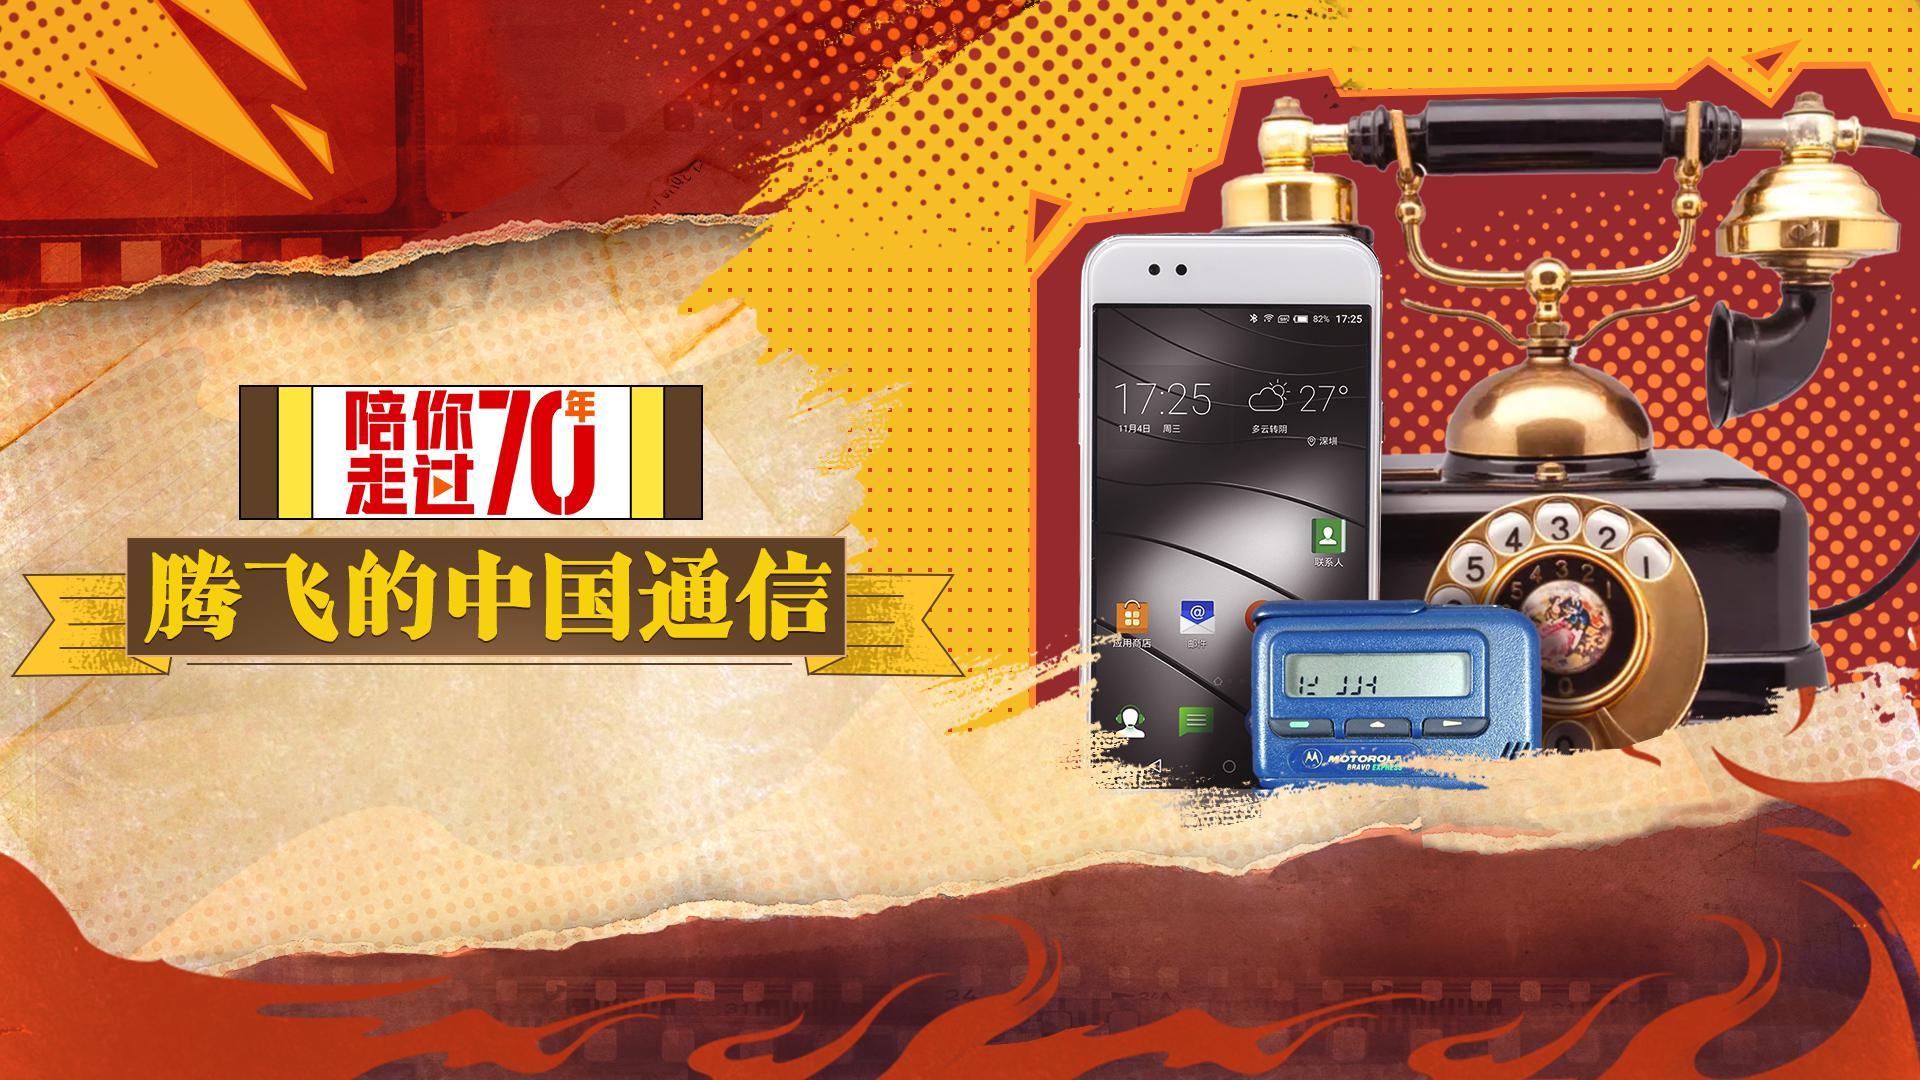 【陪你走过70年】一部手机高达2.6万 中国通讯到底经历了什么